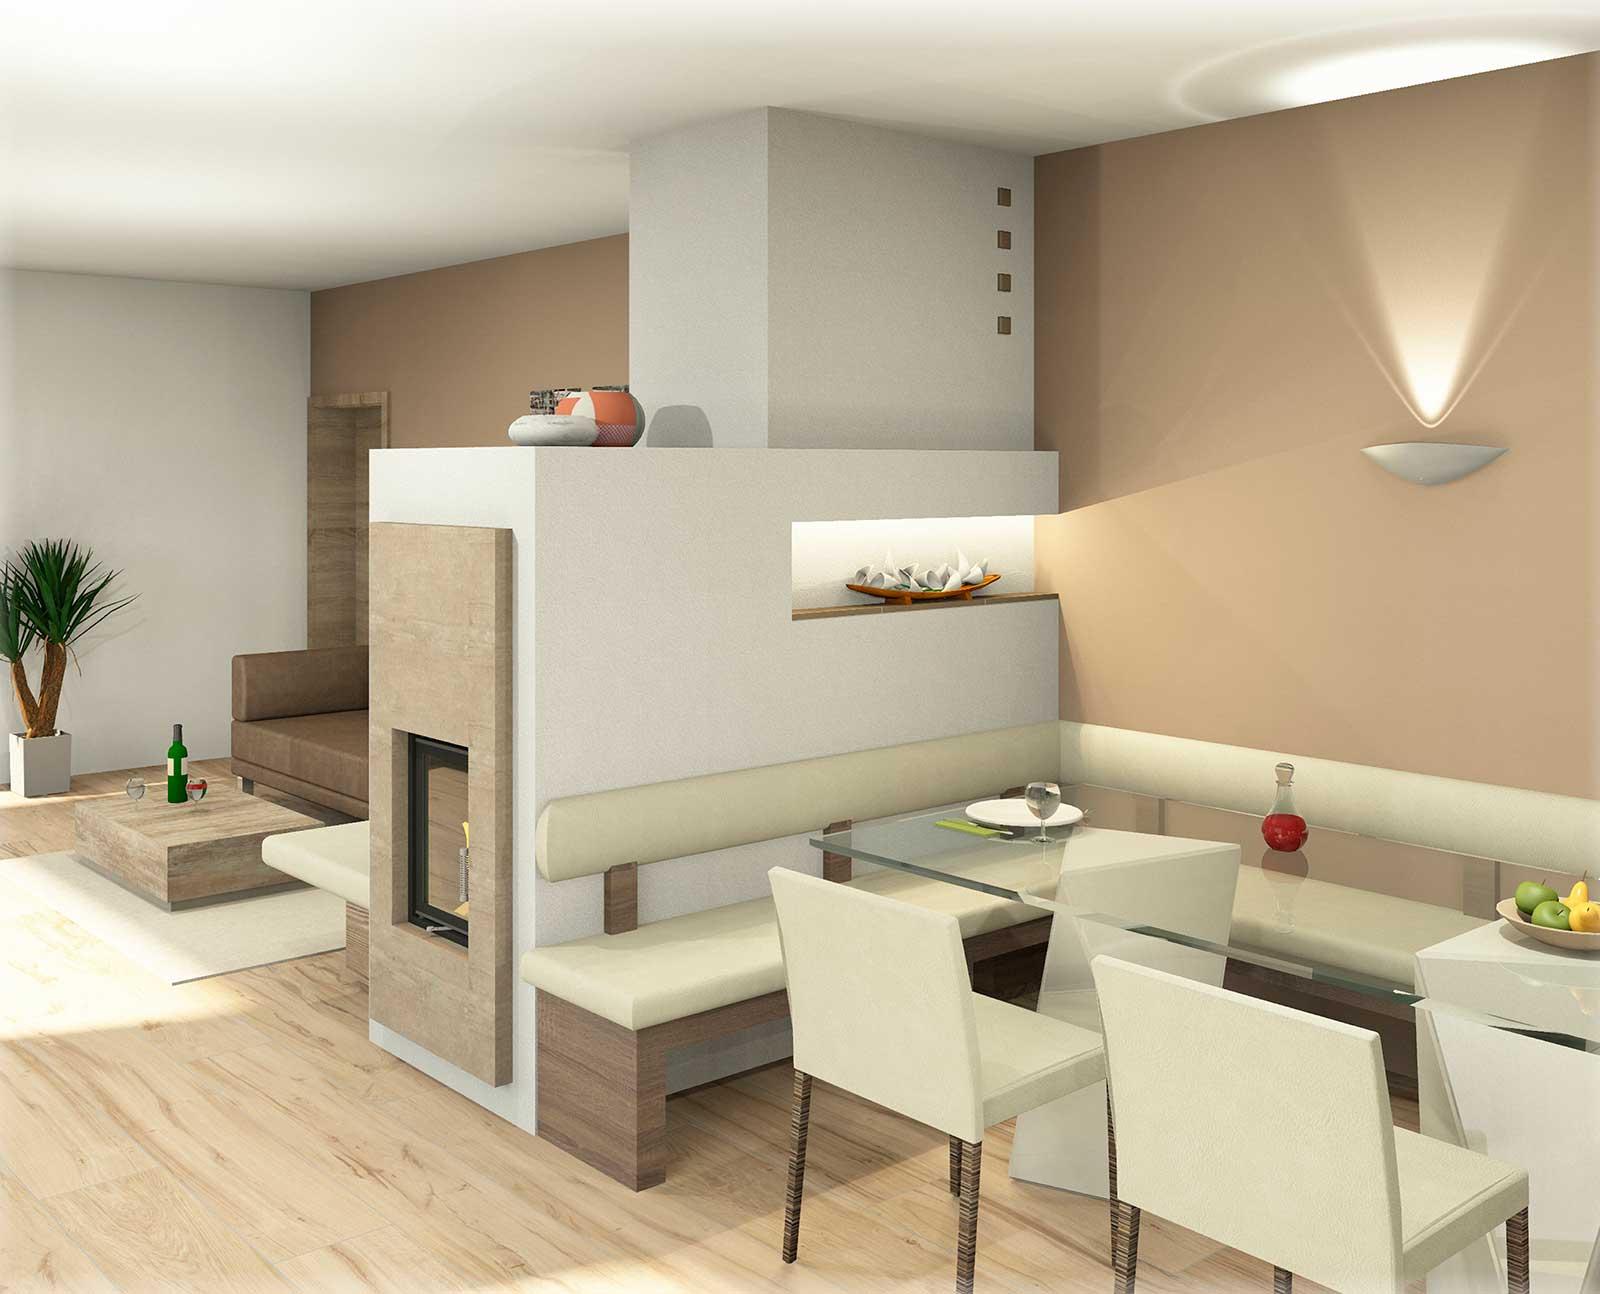 sigmund gmbh der hafner meistereibetrieb in m nzbach. Black Bedroom Furniture Sets. Home Design Ideas